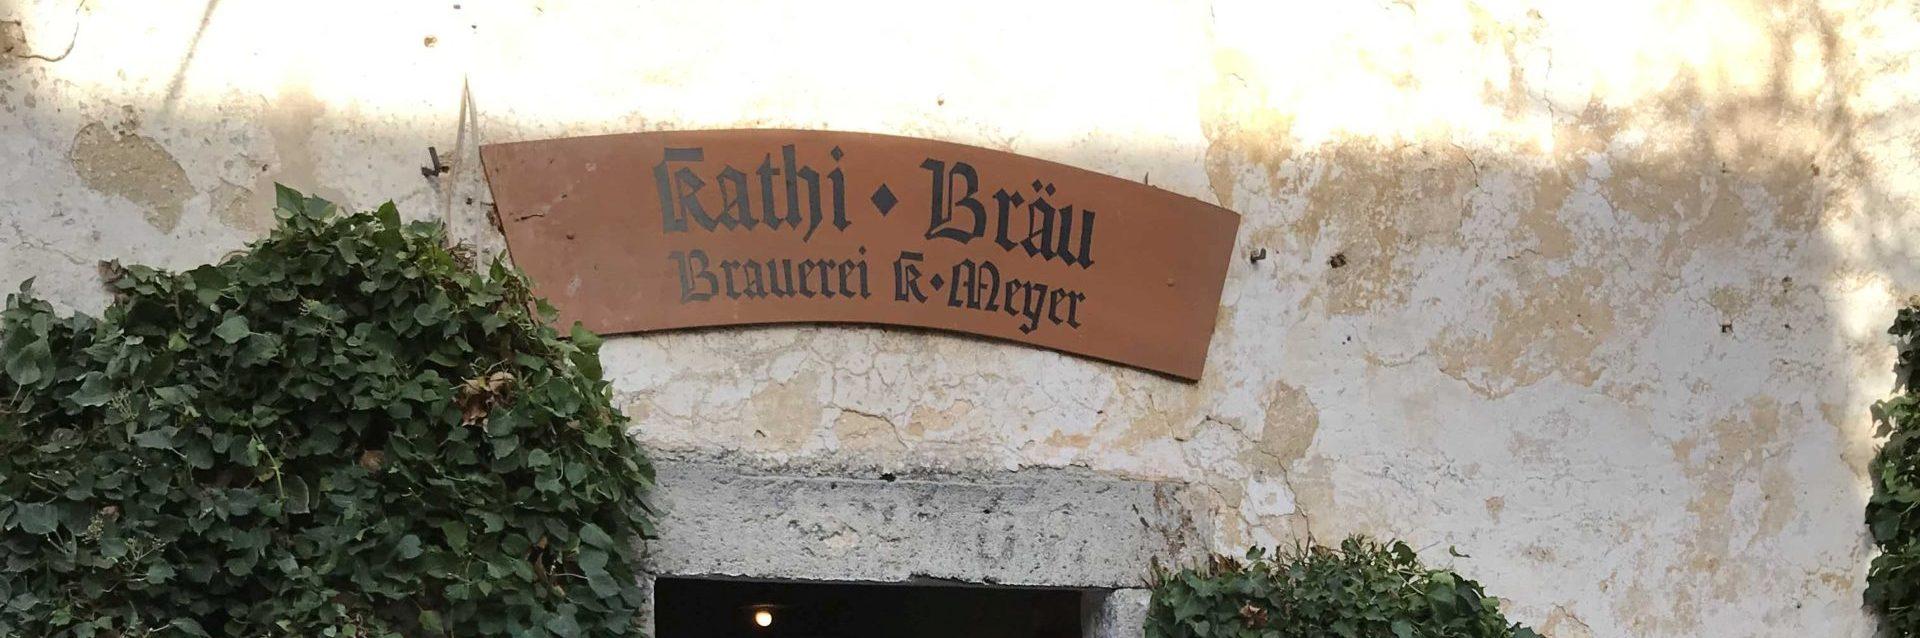 Kathi-Bräu Heckenhof